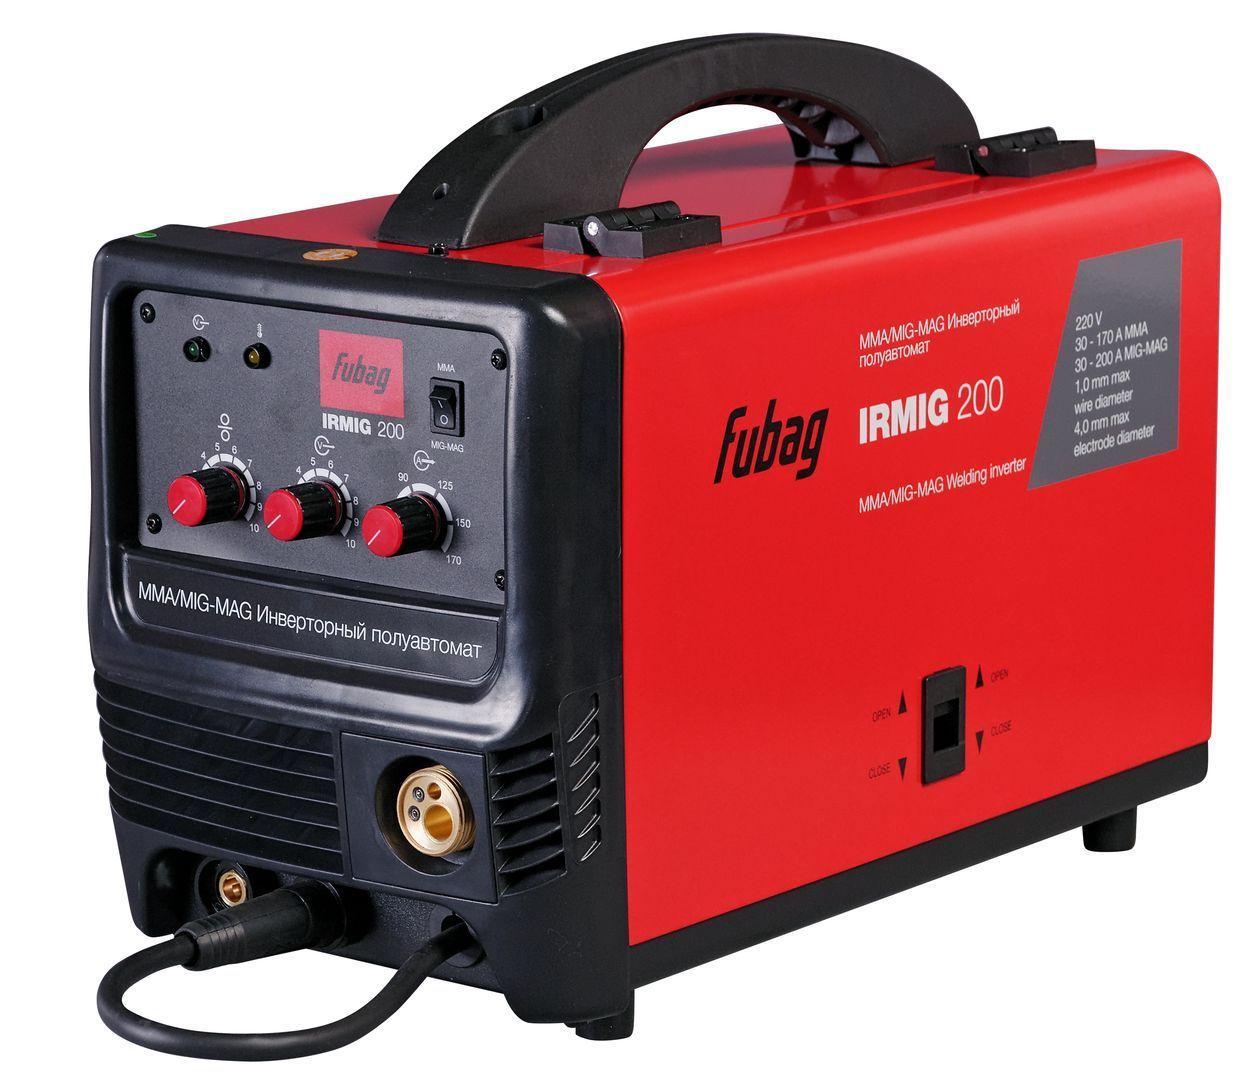 Сварочный полуавтомат инвертор Fubag IRMIG 200 (38609)+ горелка FB 250 3м (38443) арт.38609.2